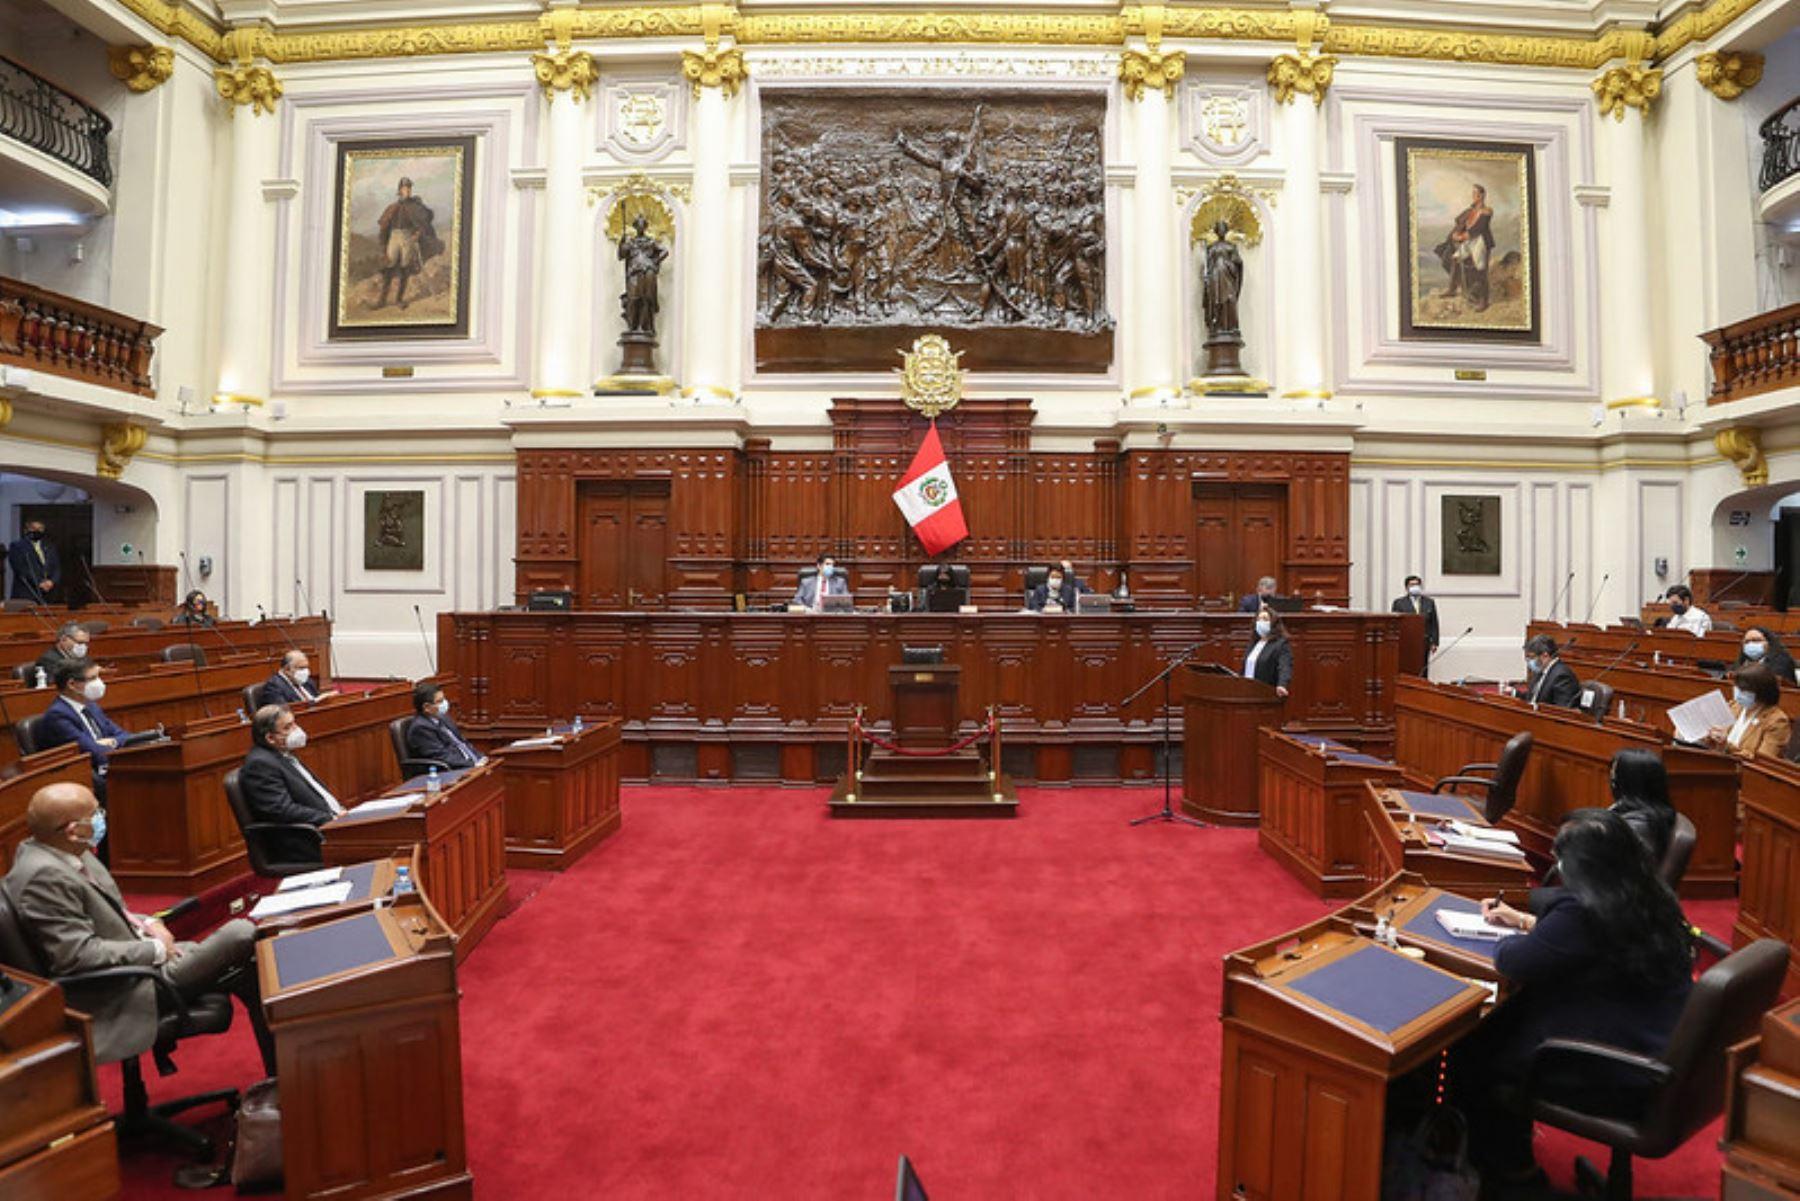 La titular de la Presidencia del Consejo de Ministros,  Violeta Bermúdez Valdivia, inició su exposición ante el Pleno Virtual en cumplimiento del artículo 130 de la constitución política.  Foto: ANDINA/PCM